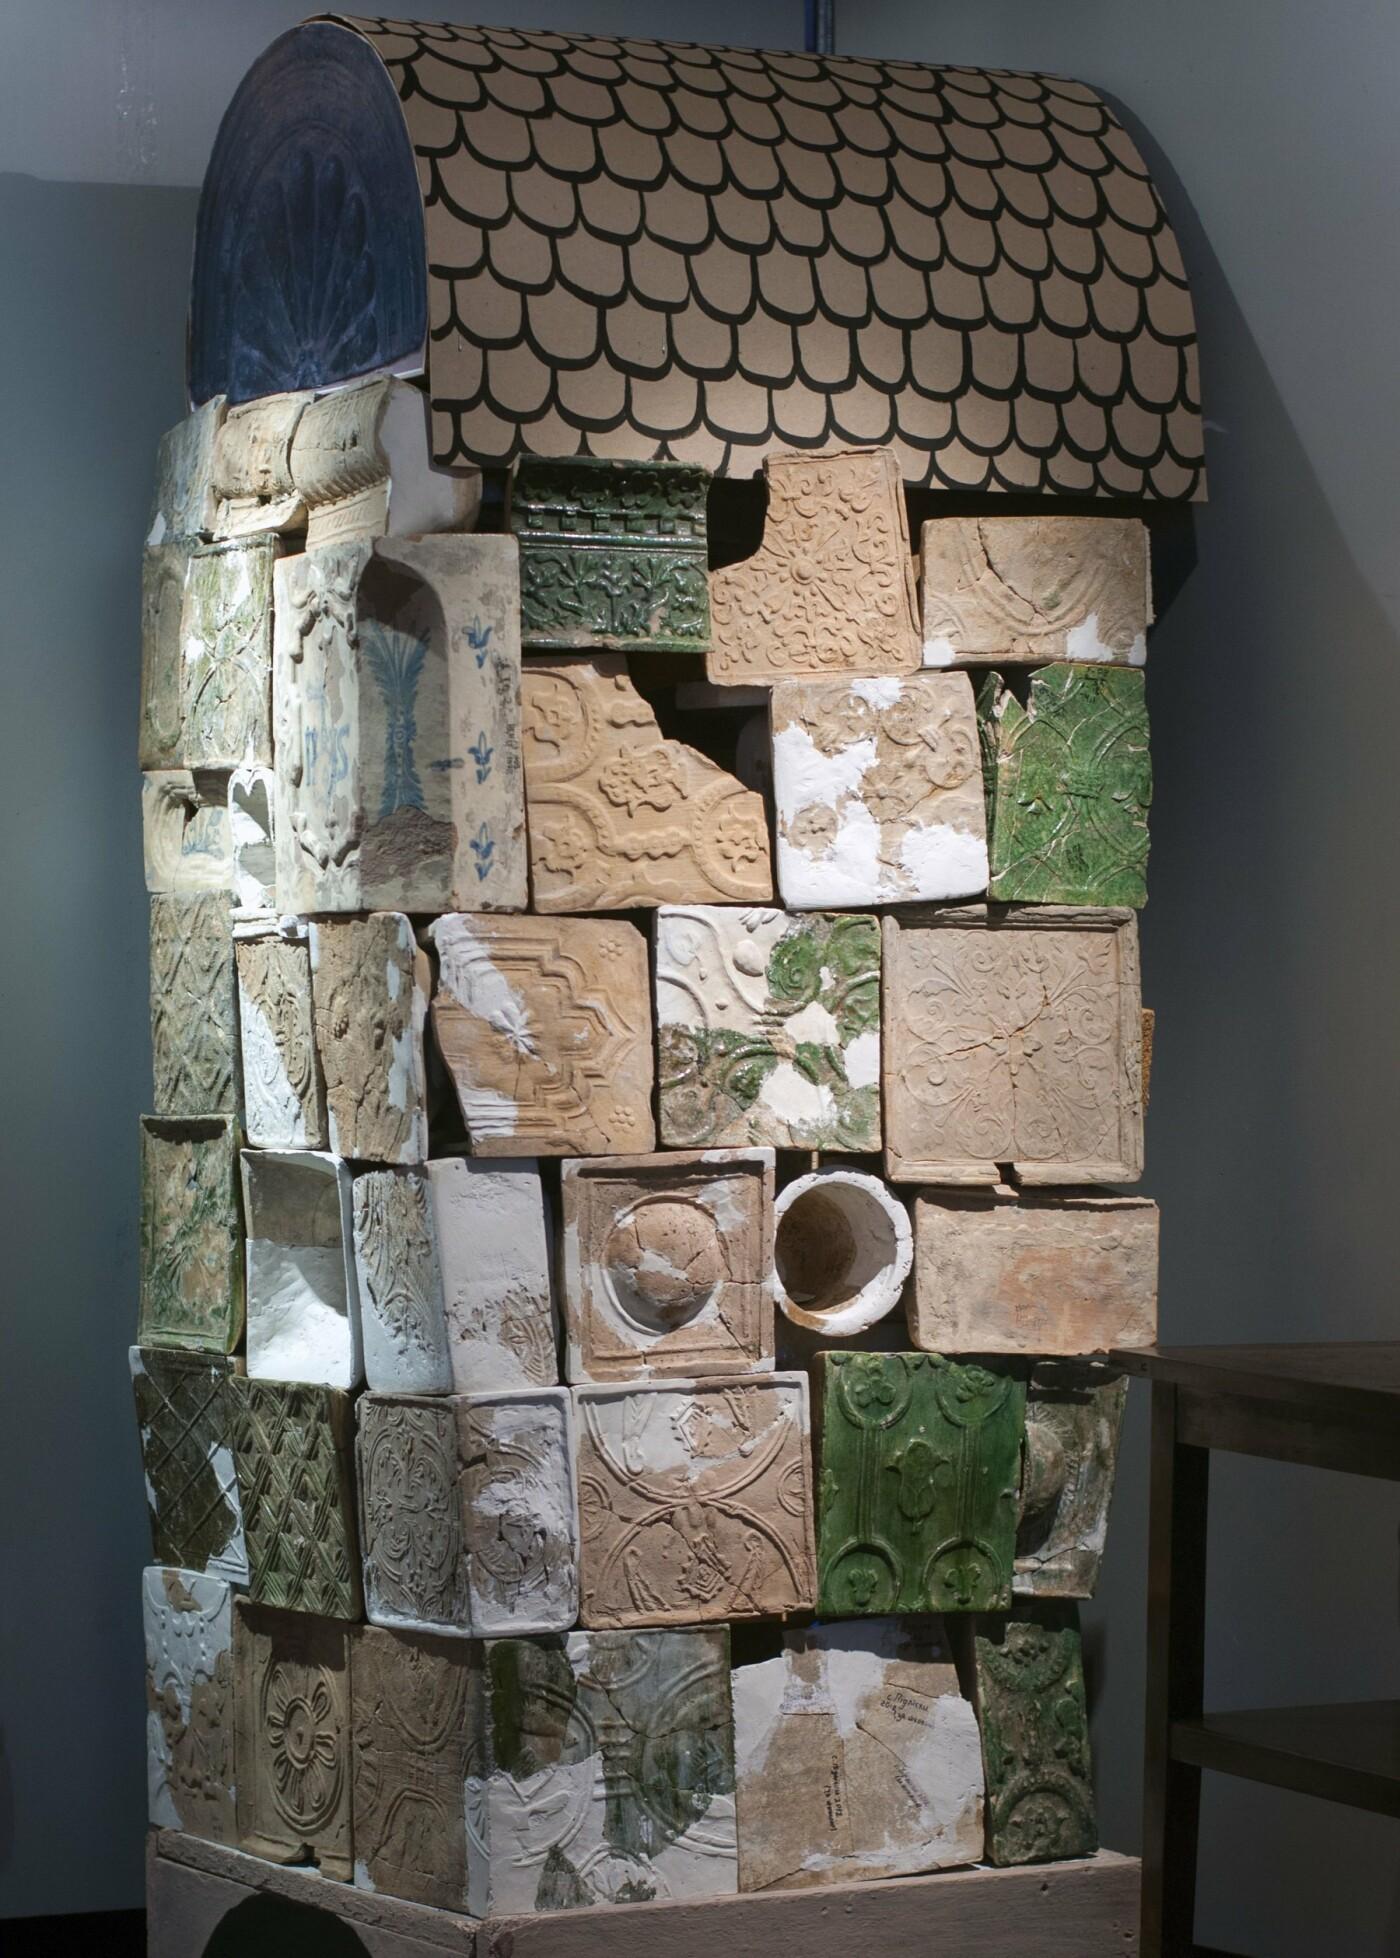 Рівне у тисячах старовинних кахлів, фото-4, Надія Левенда